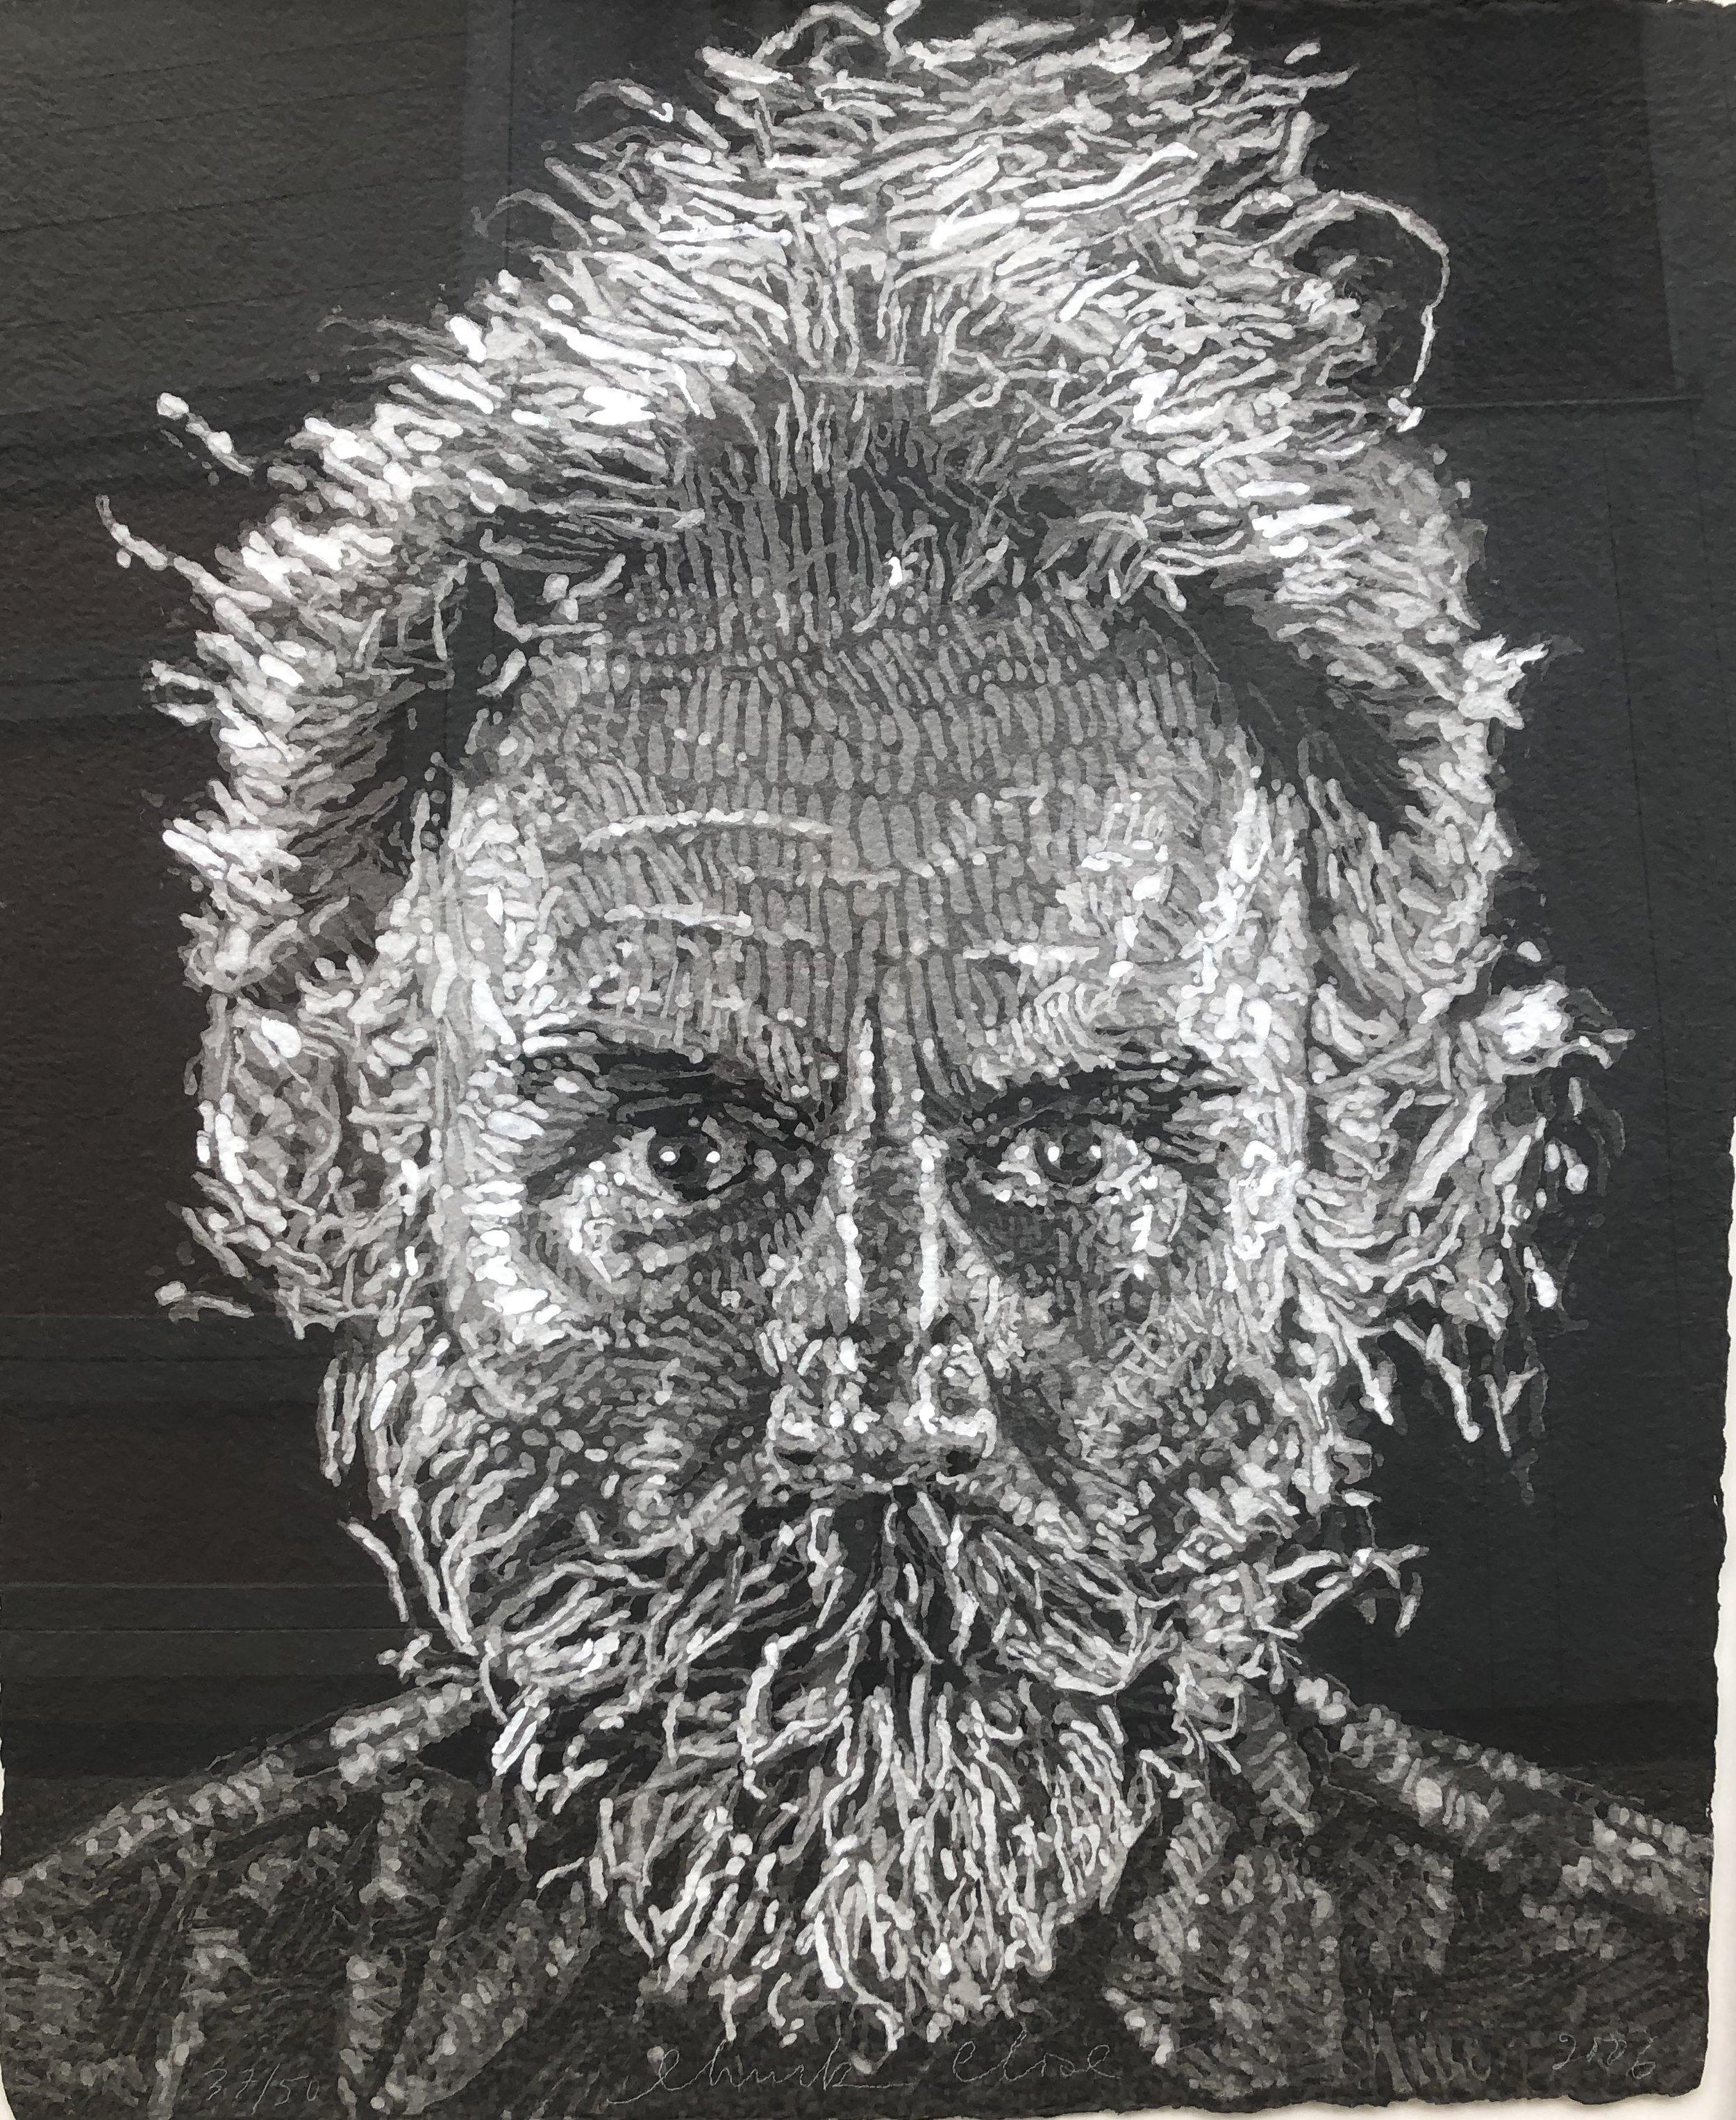 Chuck Close. Lucas Paper/Pulp, 2006.